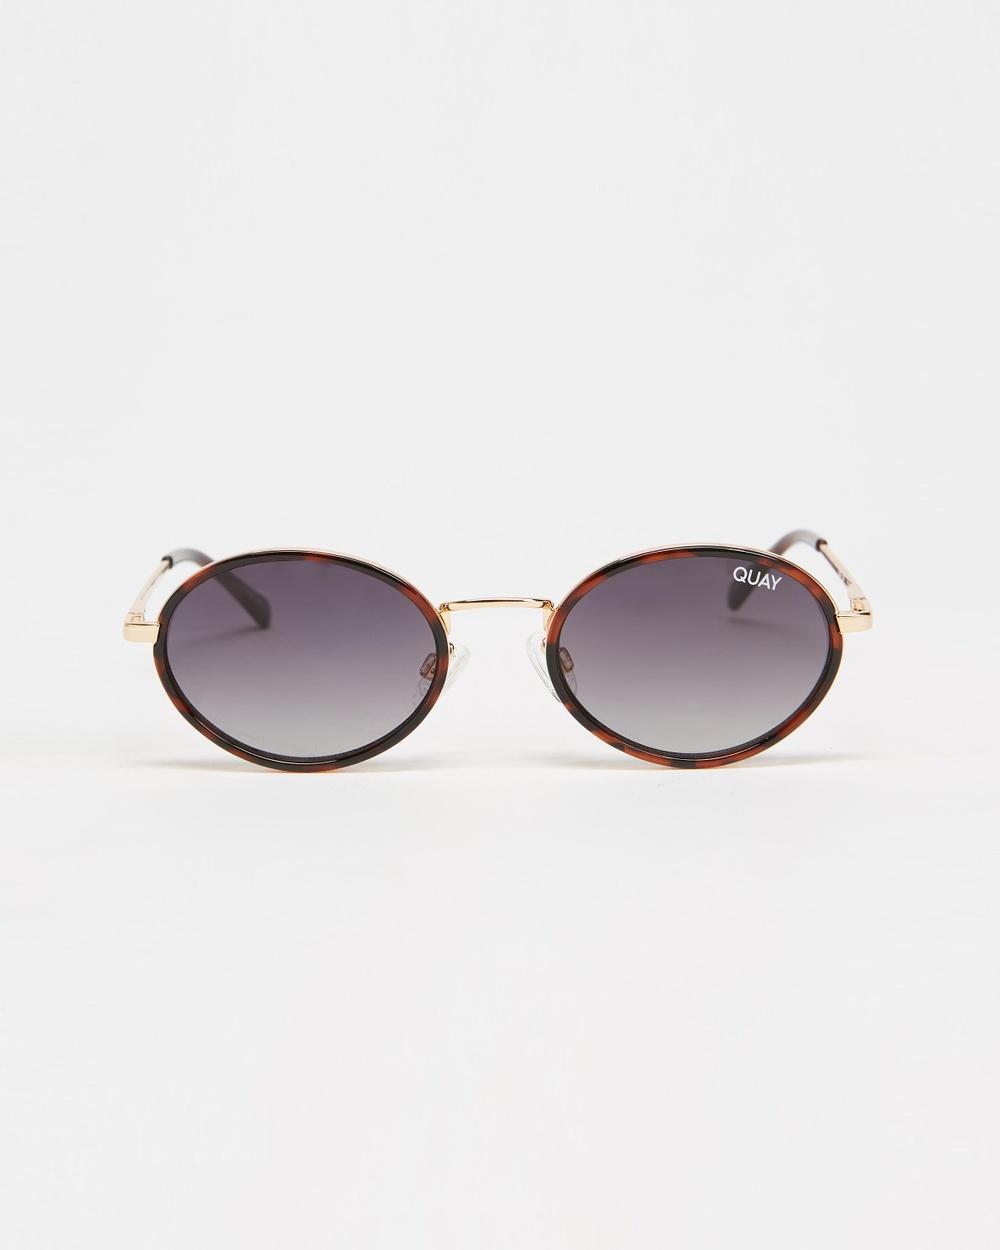 Quay Australia Line Up Sunglasses Tort & Smoke Lens